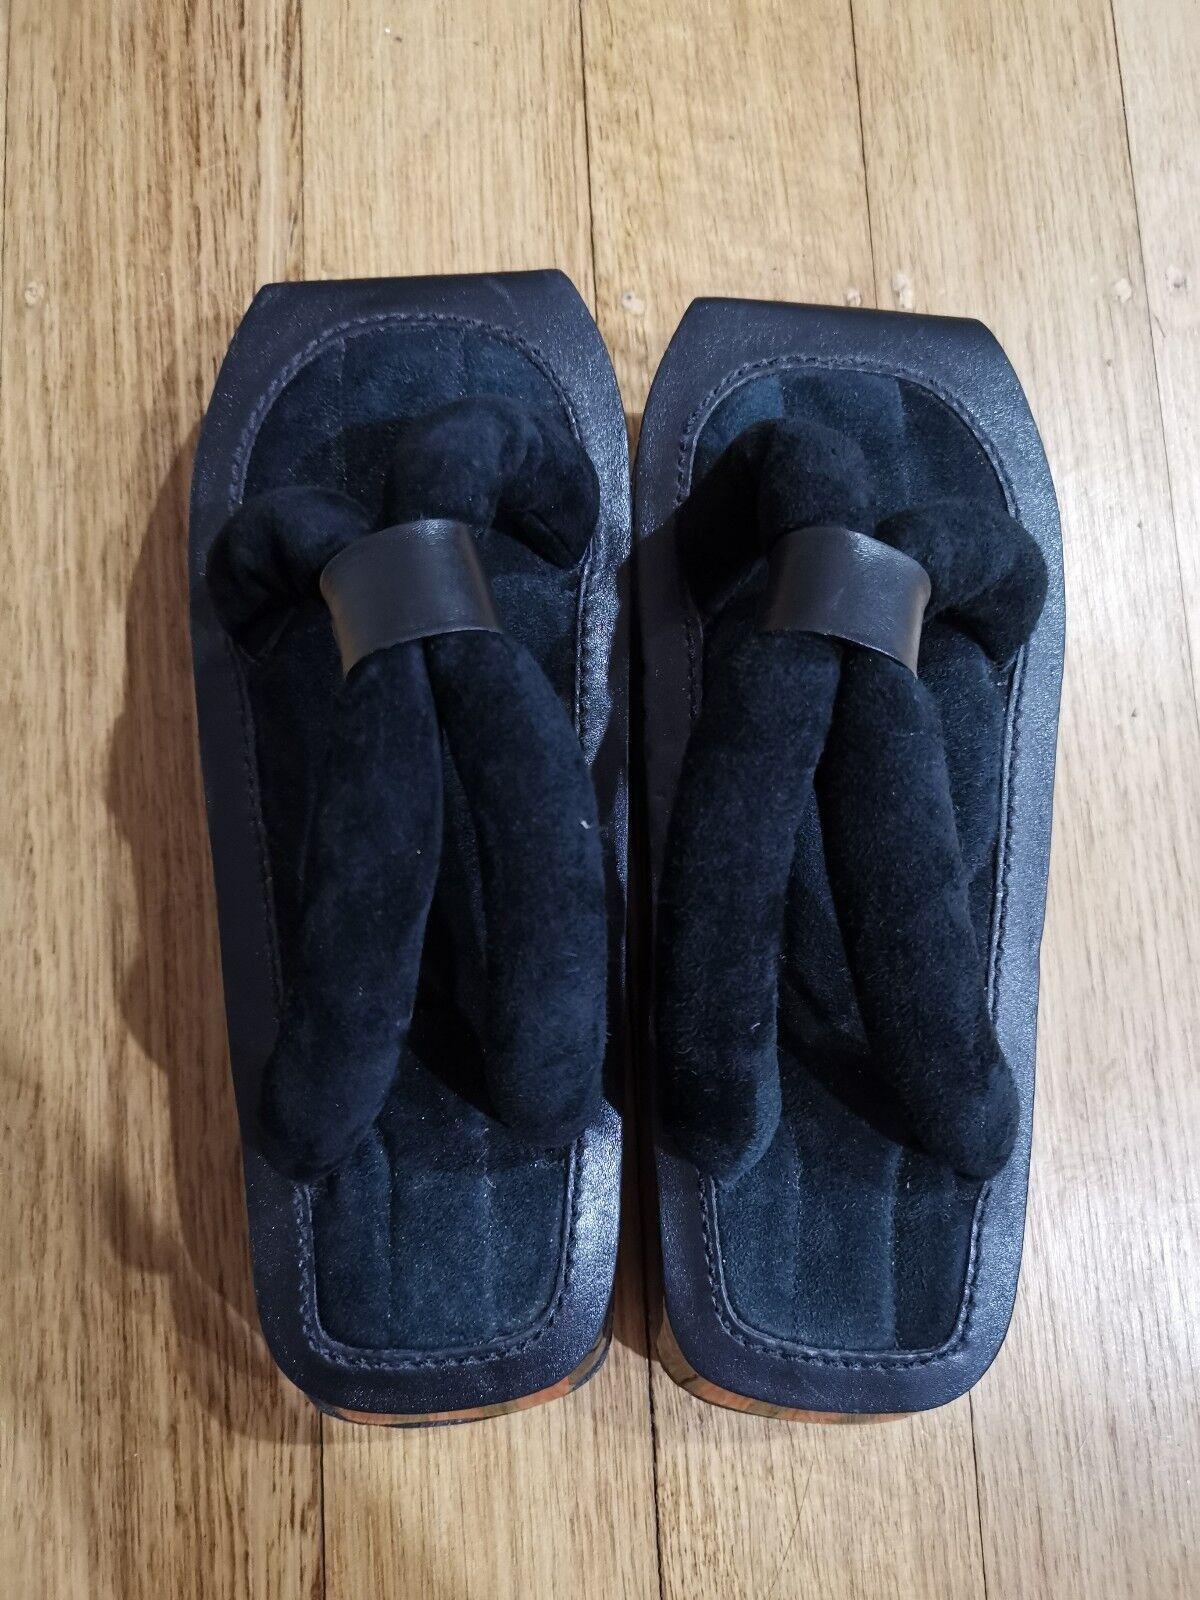 Adidas in stile giapponese tanga dimensioni 6 - 245 | Acquista online  | Gentiluomo/Signora Scarpa